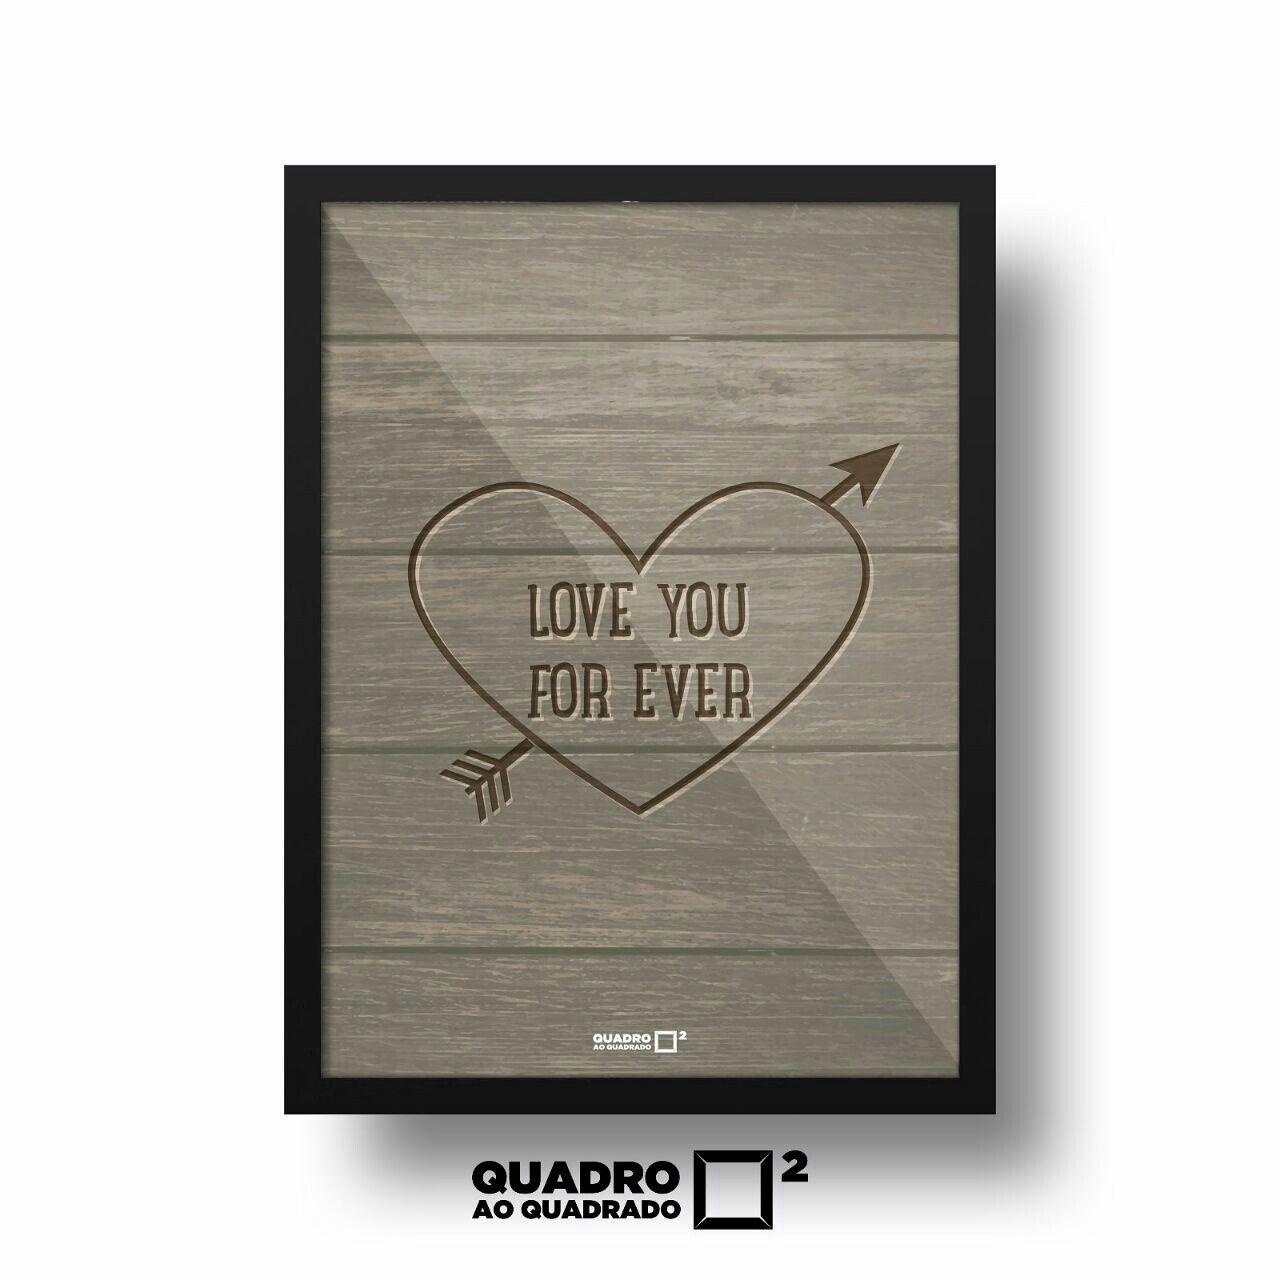 • Quadro Love You Forever • Feito especialmente para representar aquele amor perfeito  Já disponível em nosso site www.quadroaoquadrado.com.br  Enviamos para todo Brasil!  Aceitamos todos os cartões de crédito e débito ou boleto! :)